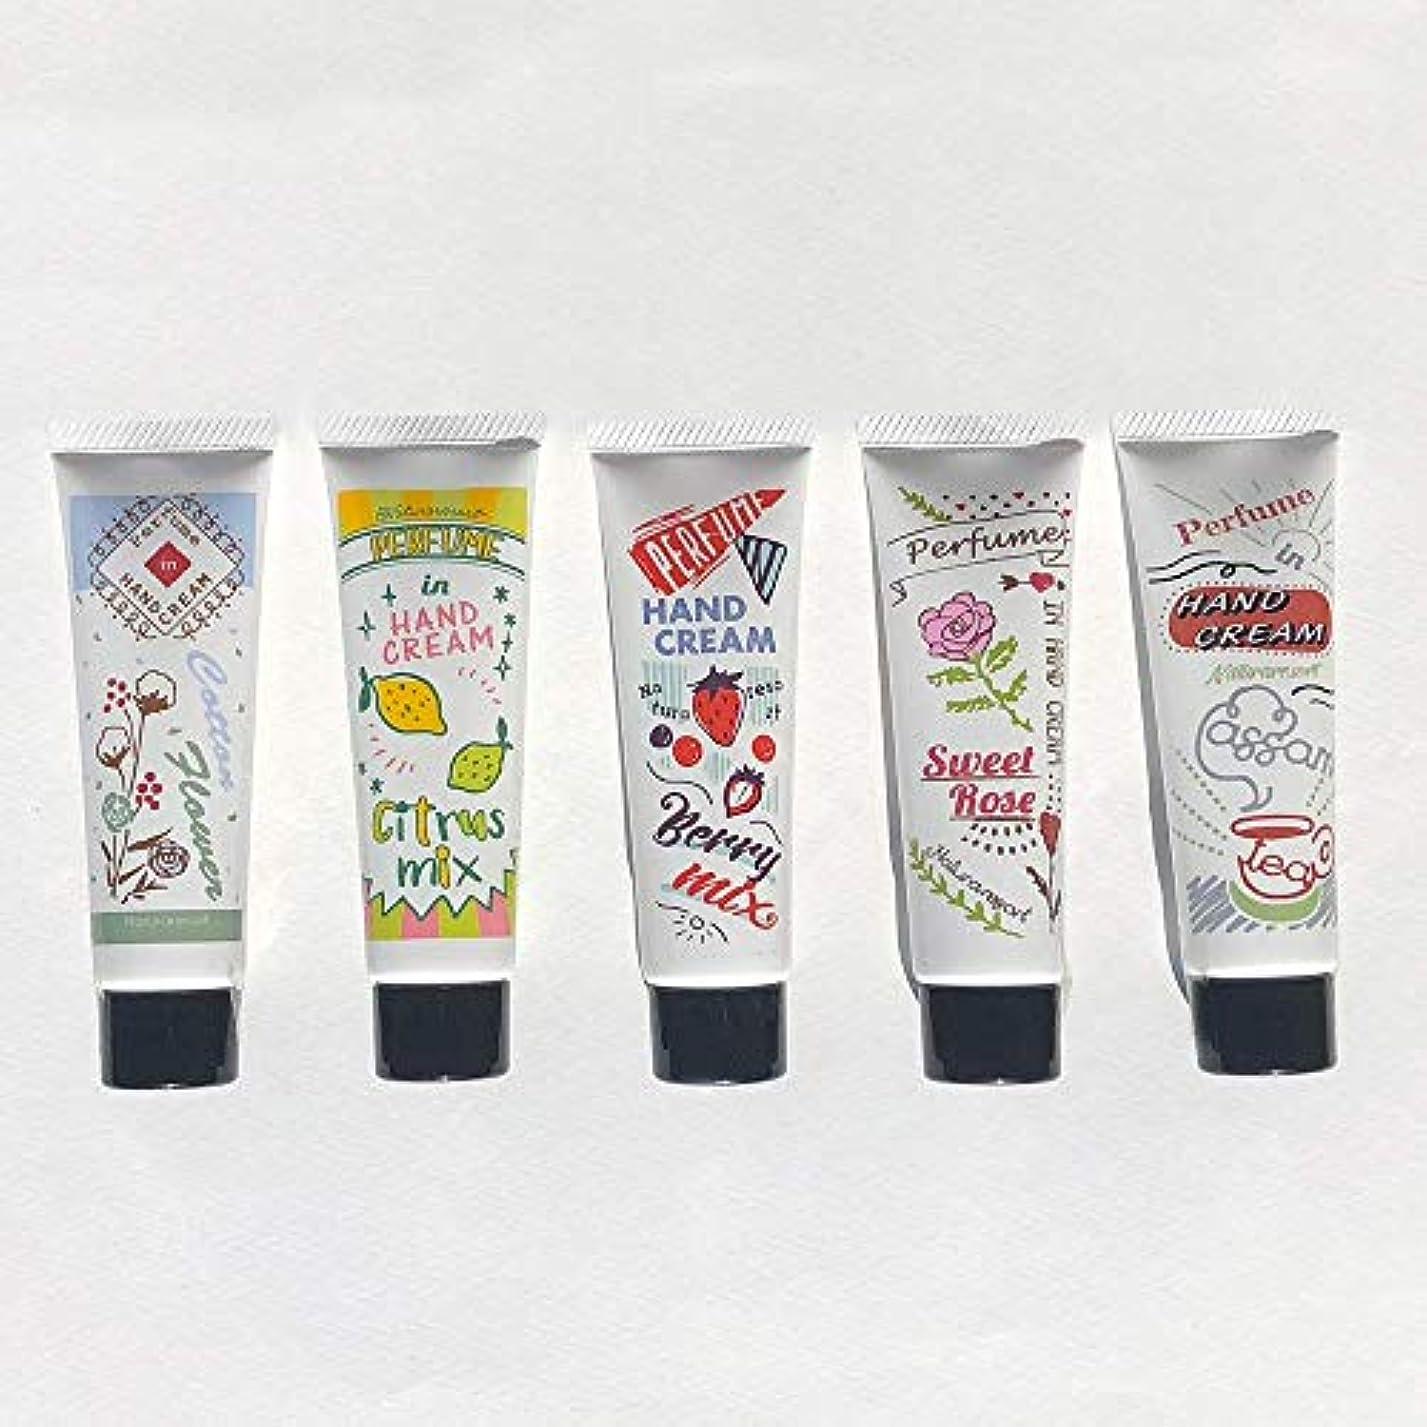 詐欺あいまいマナー【香りをまぜてオリジナルの香りを楽しめる!】パフュームインハンドクリーム5本セット